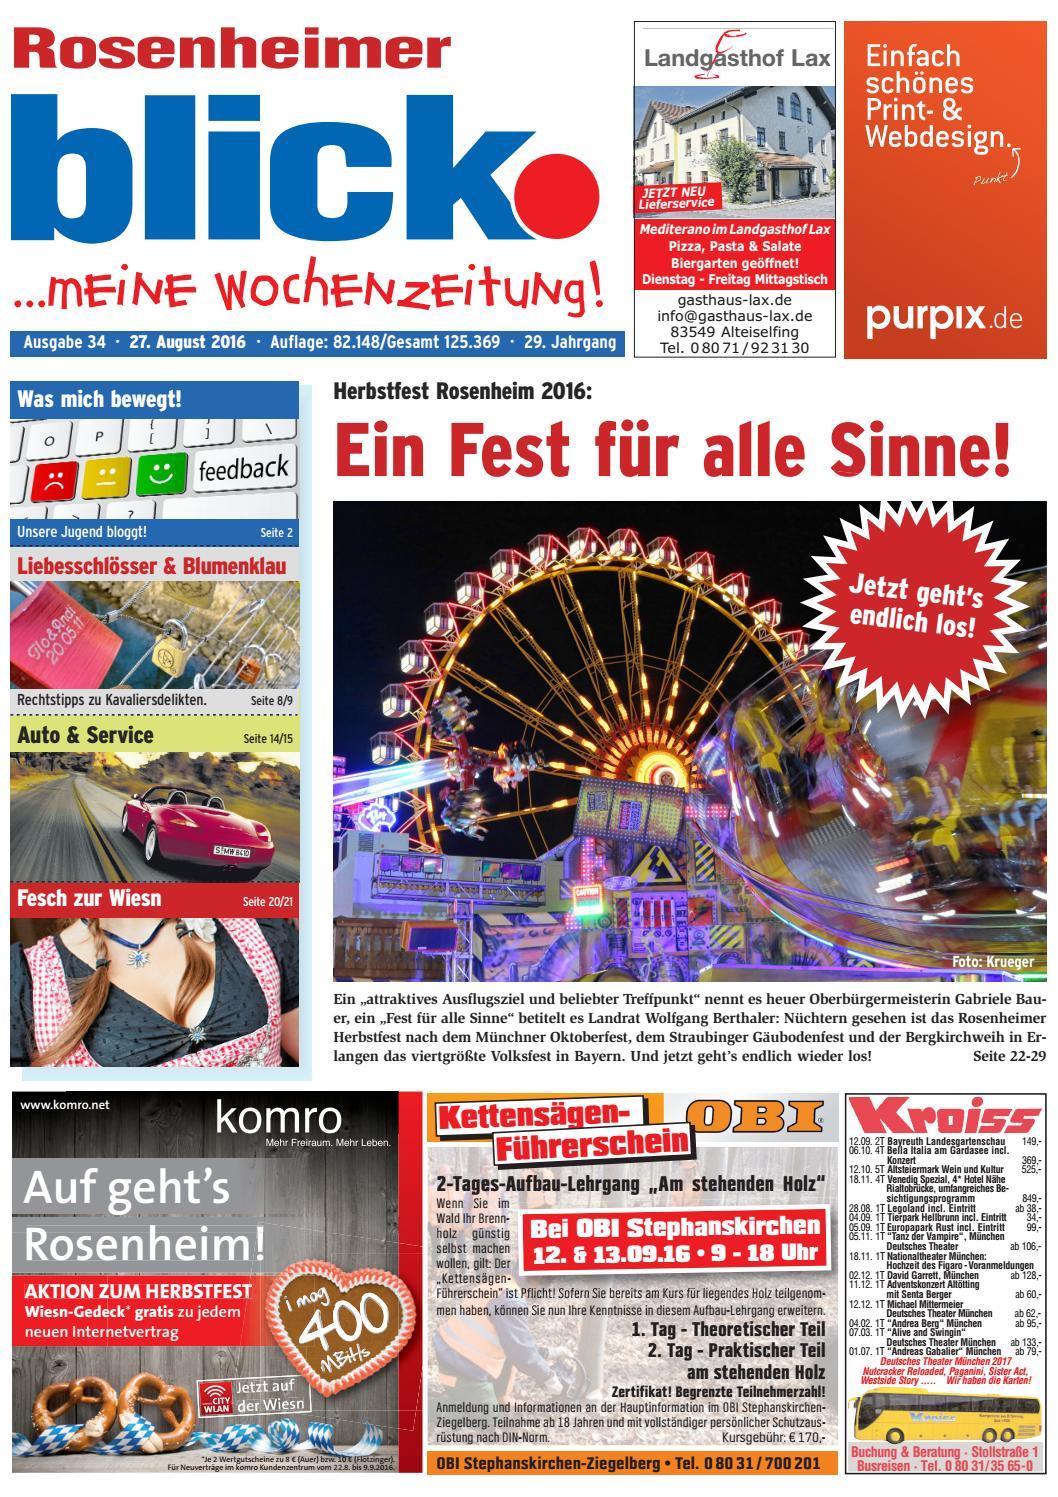 Großartig Probe Lebenslauf Für Frischer Mba Finanzen Galerie ...